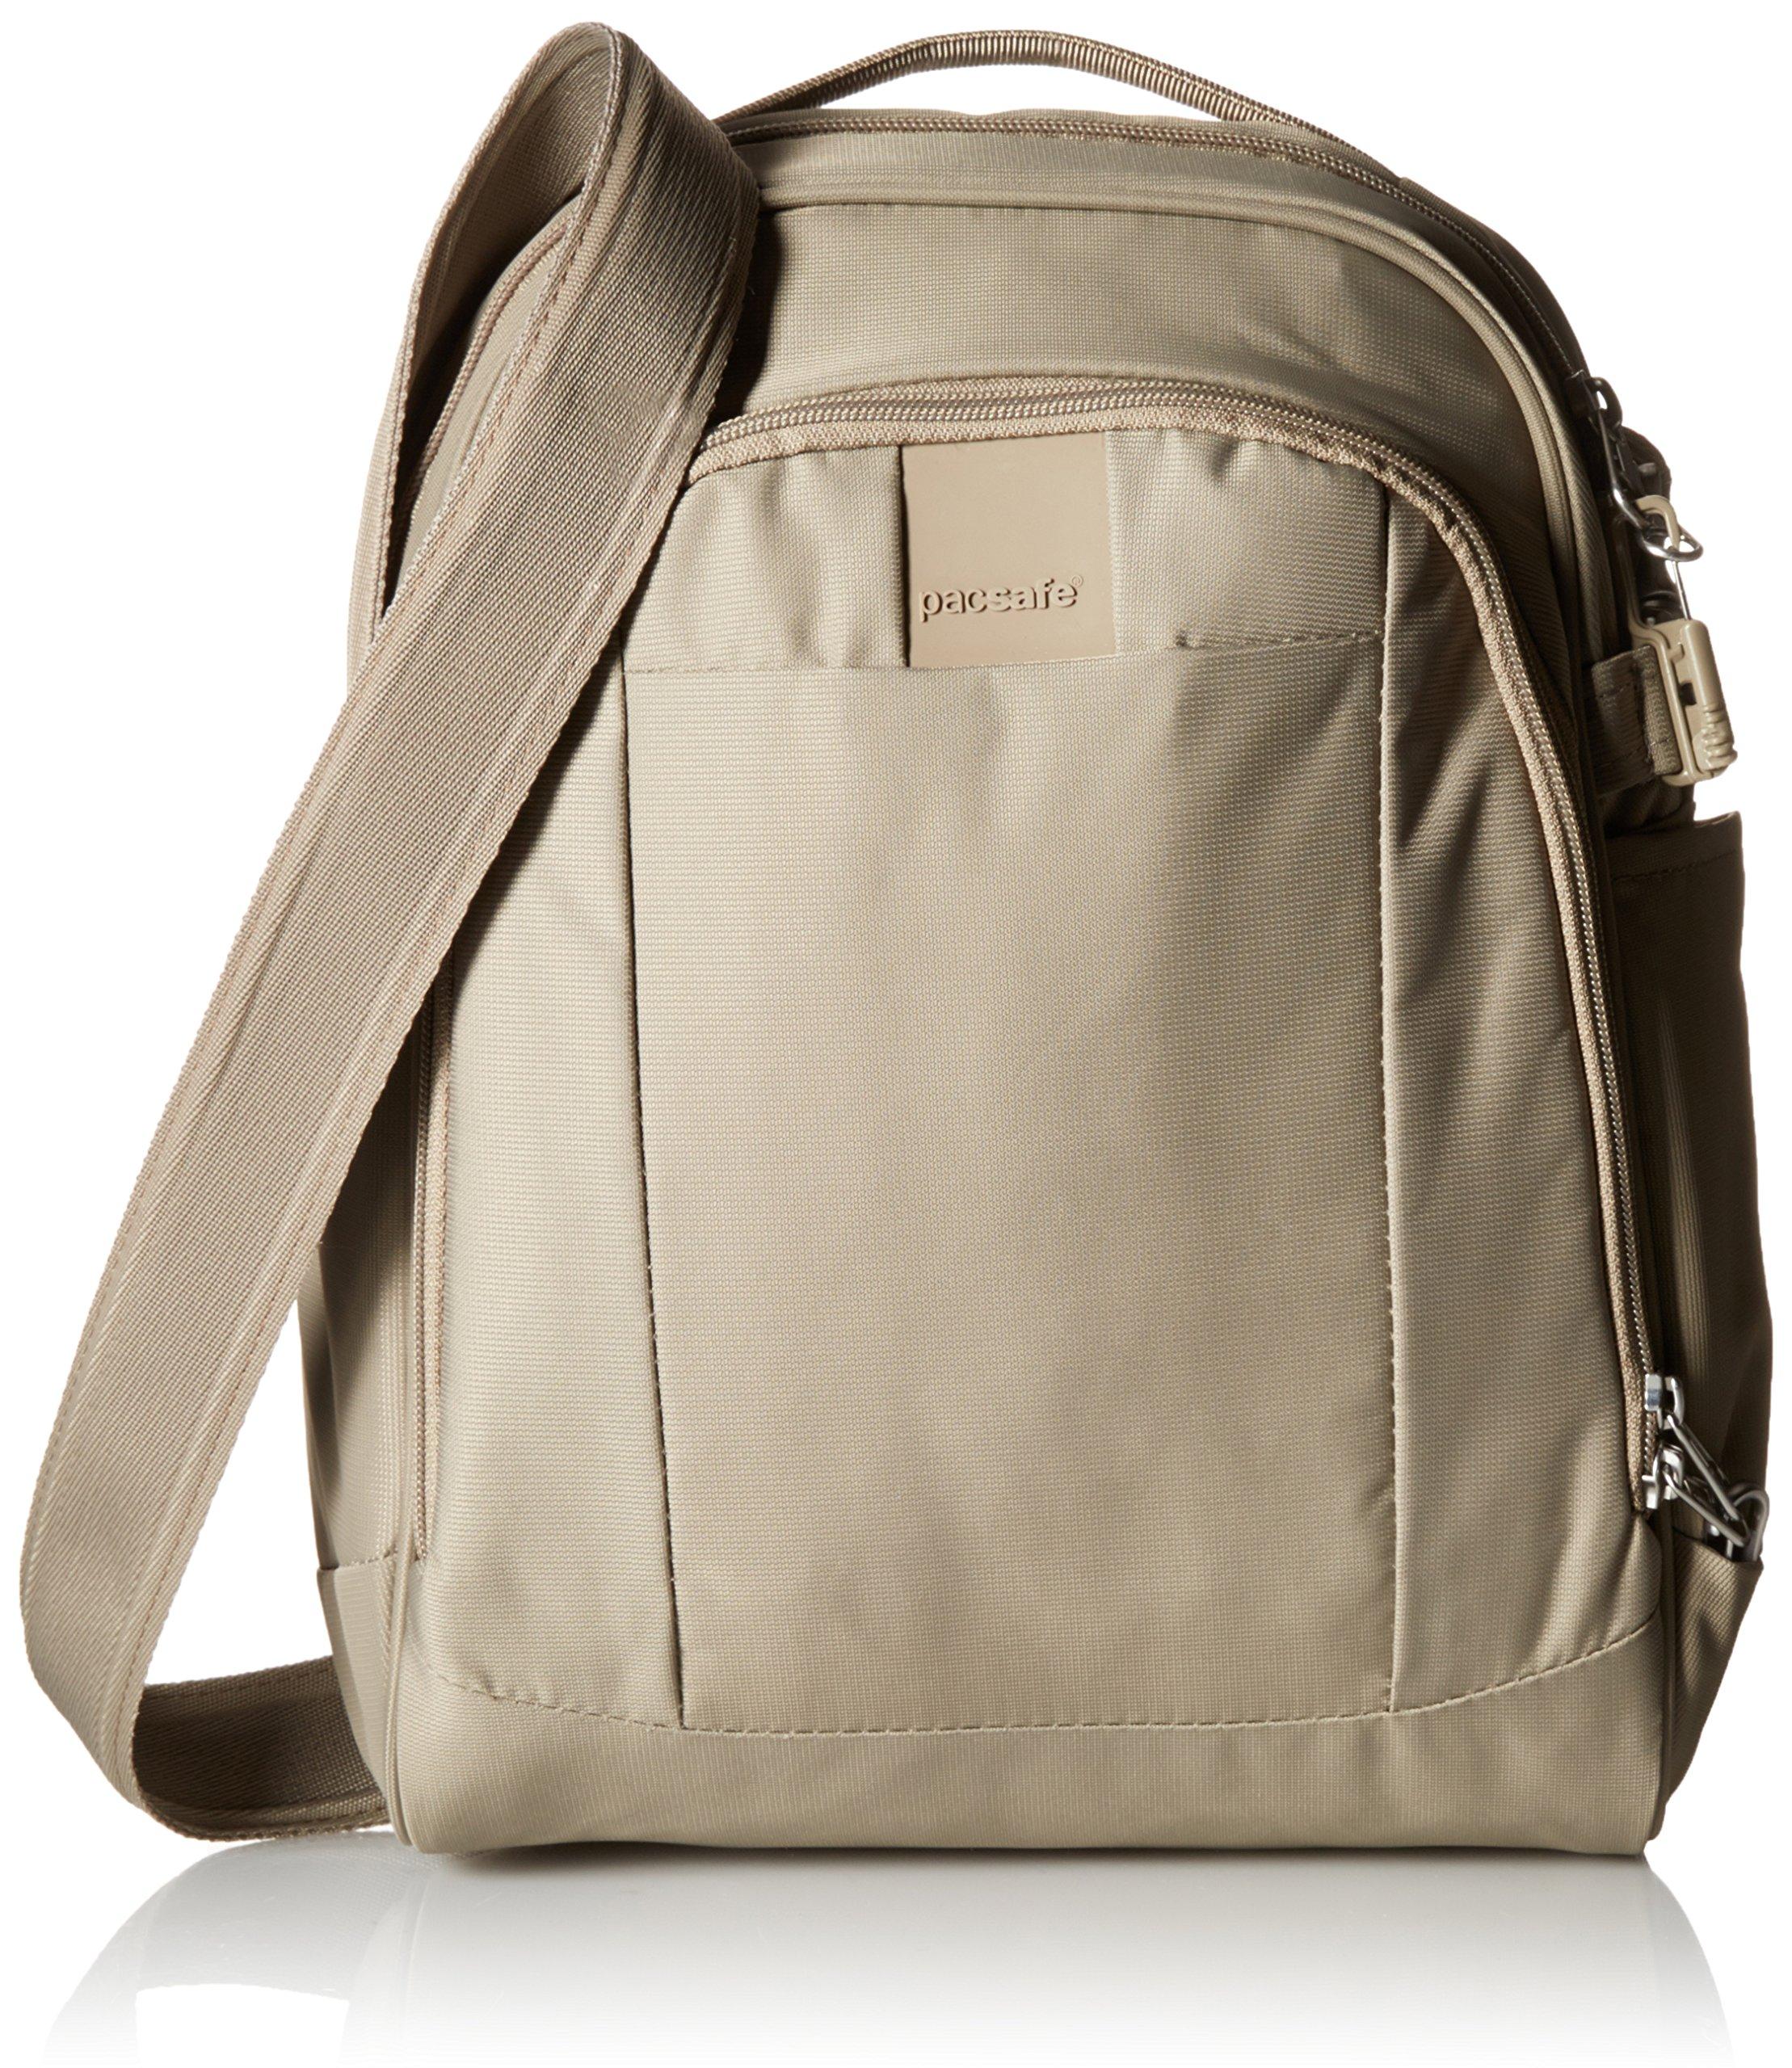 Pacsafe Metrosafe LS250 Anti-Theft Shoulder Bag, Sandstone